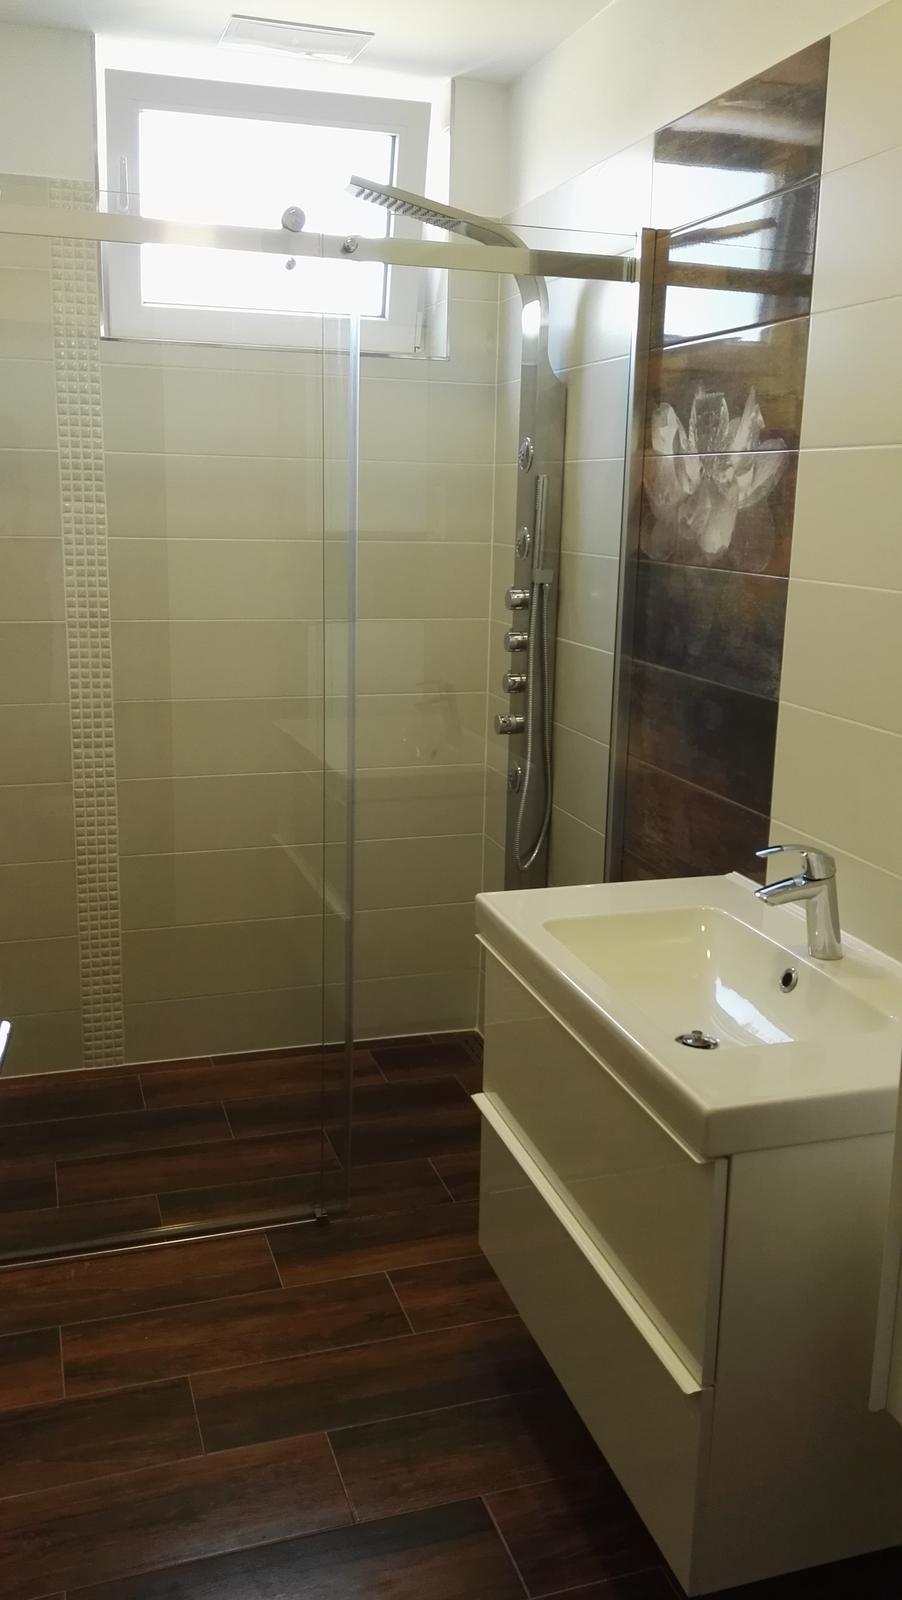 Projekt: Nové bývanie ... - ... kúpeľňa hotovo ...